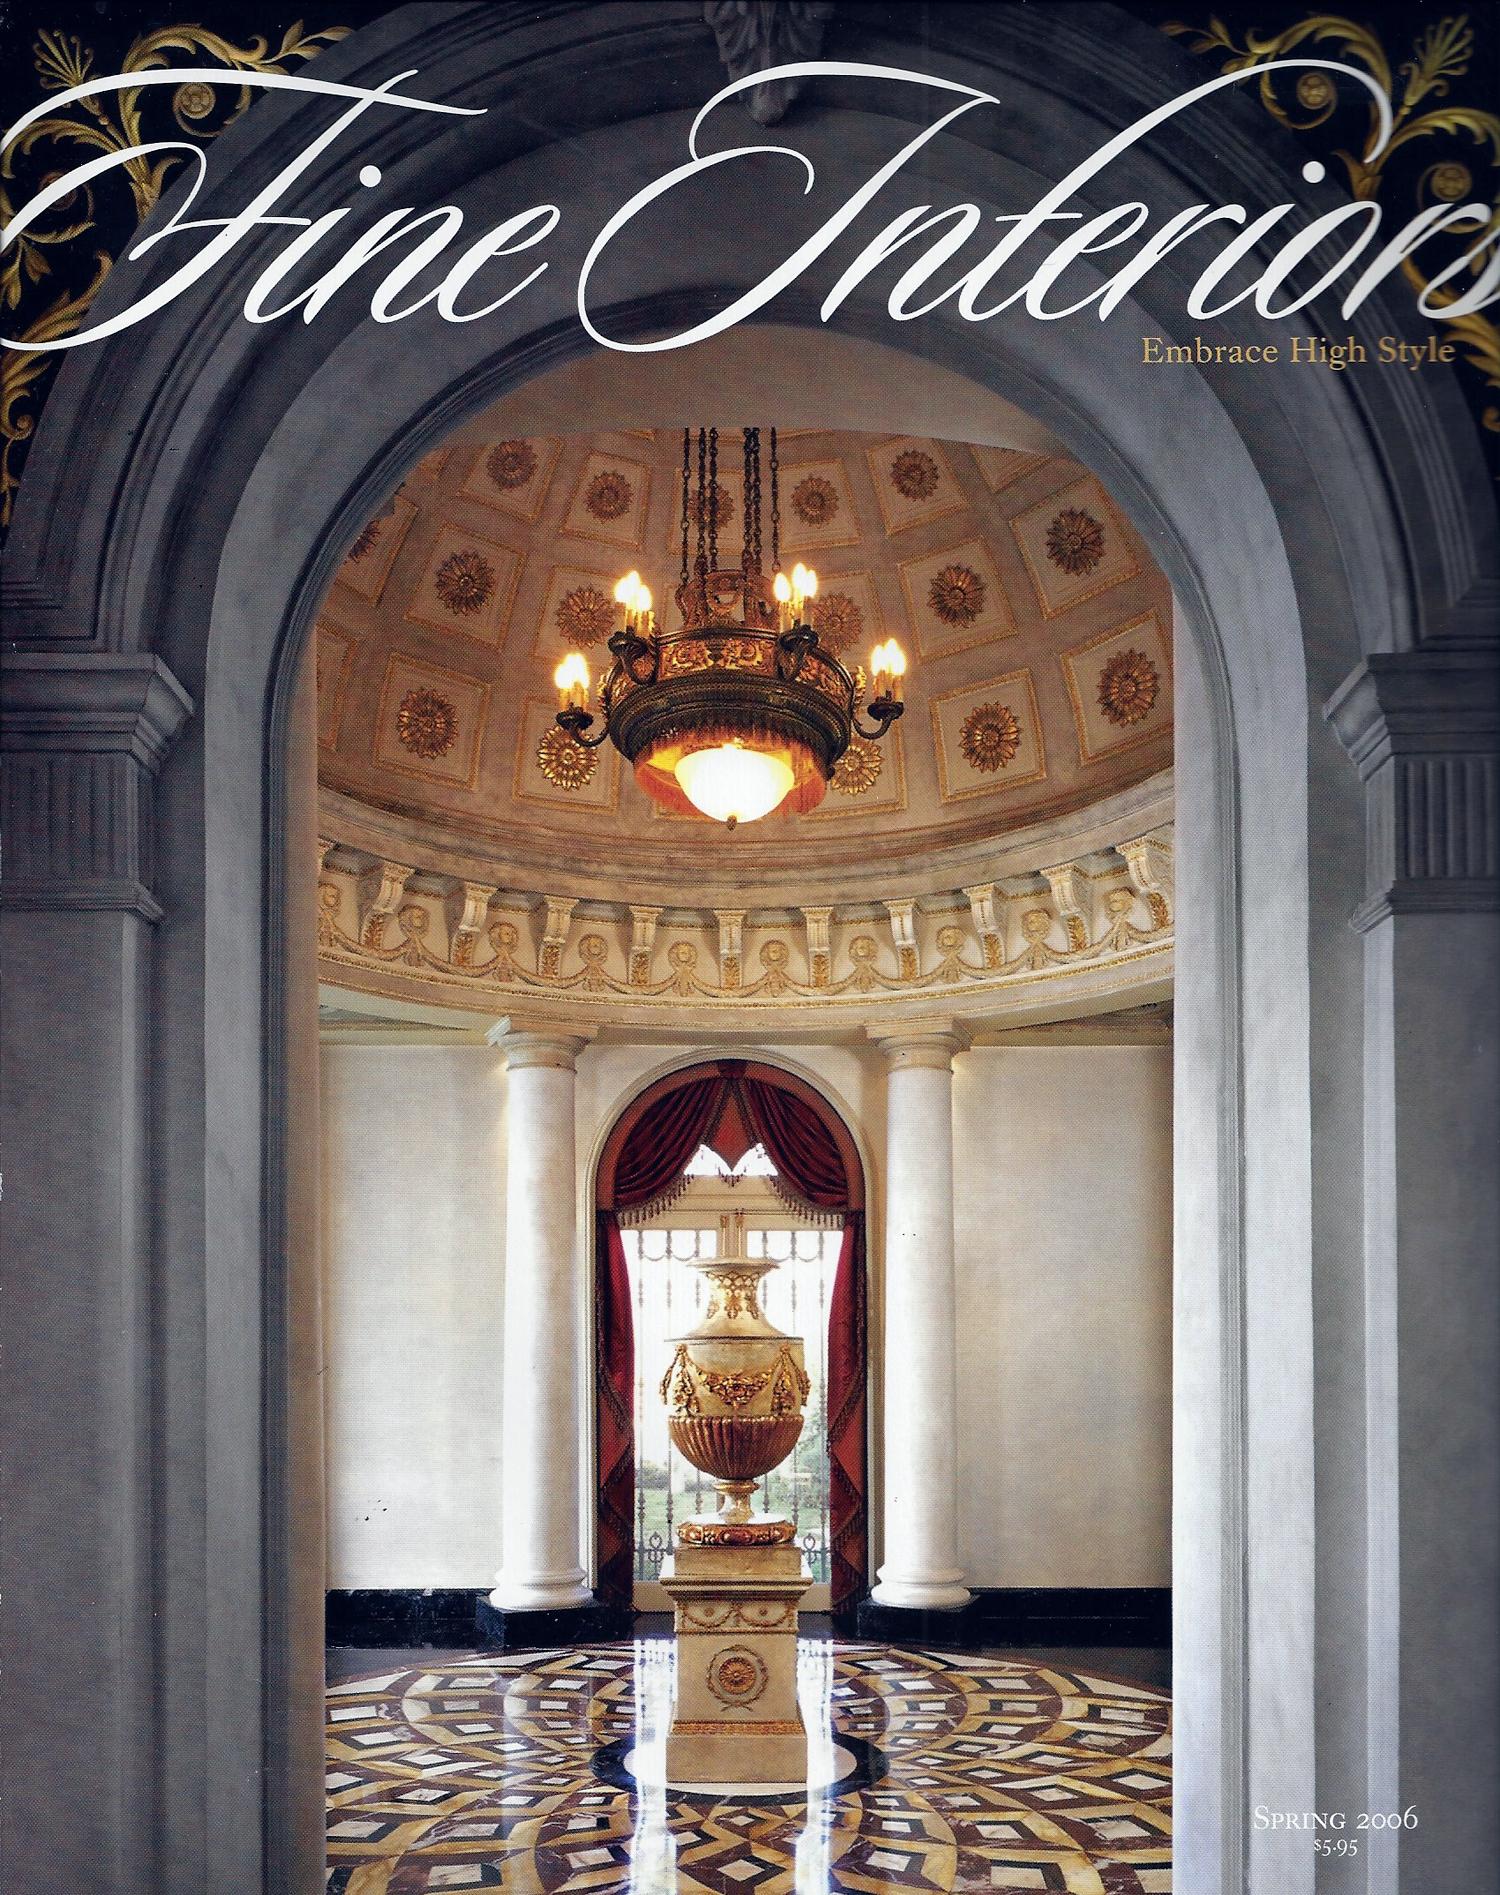 fine-interiors-2006-cover